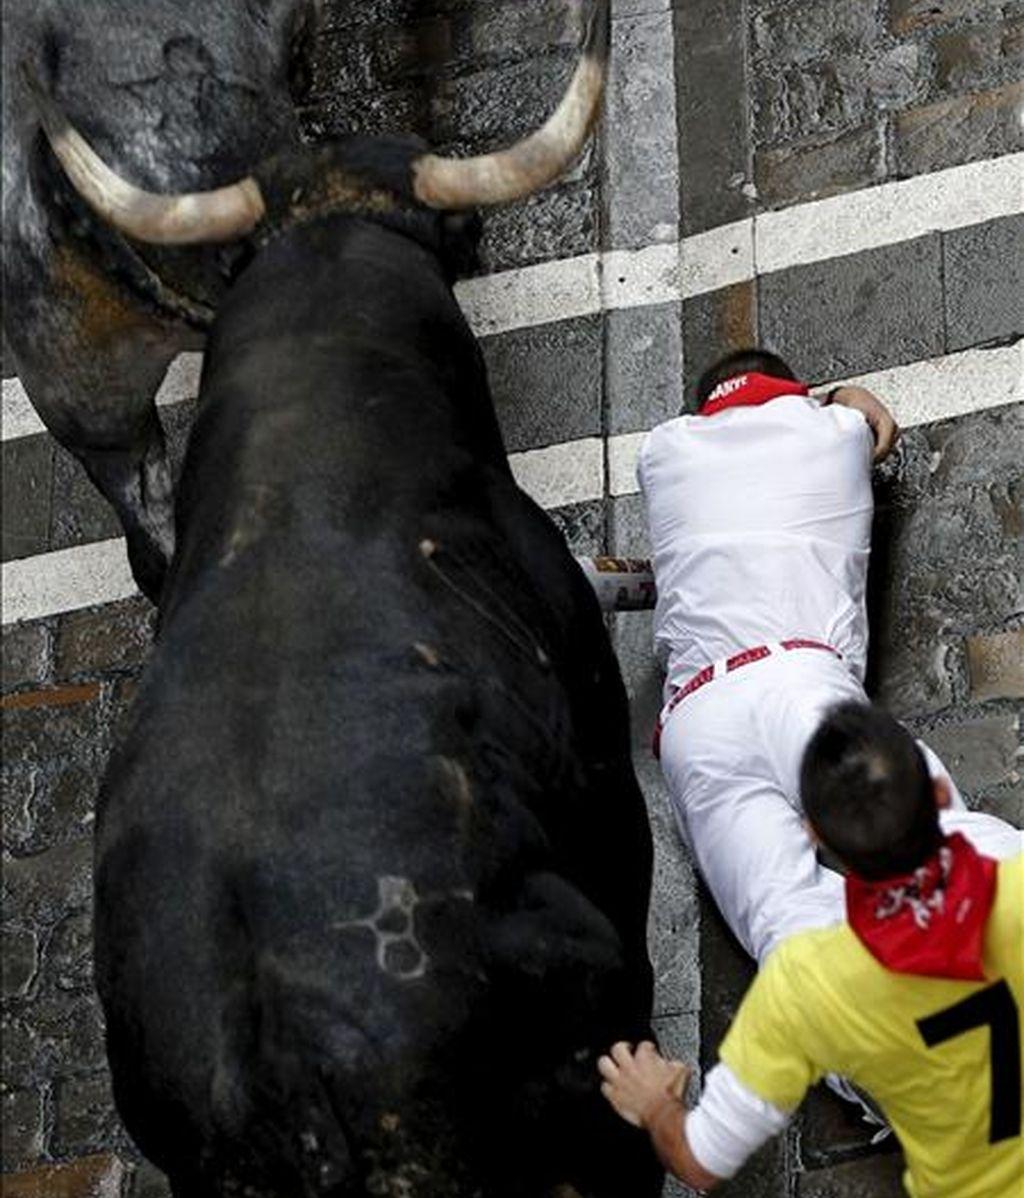 Un mozo en el suelo junto a un toro de la ganadería sevillana de Miura, en el tramo de la Calle Estafeta durante el quinto encierro de los Sanfermines del 2010. EFE